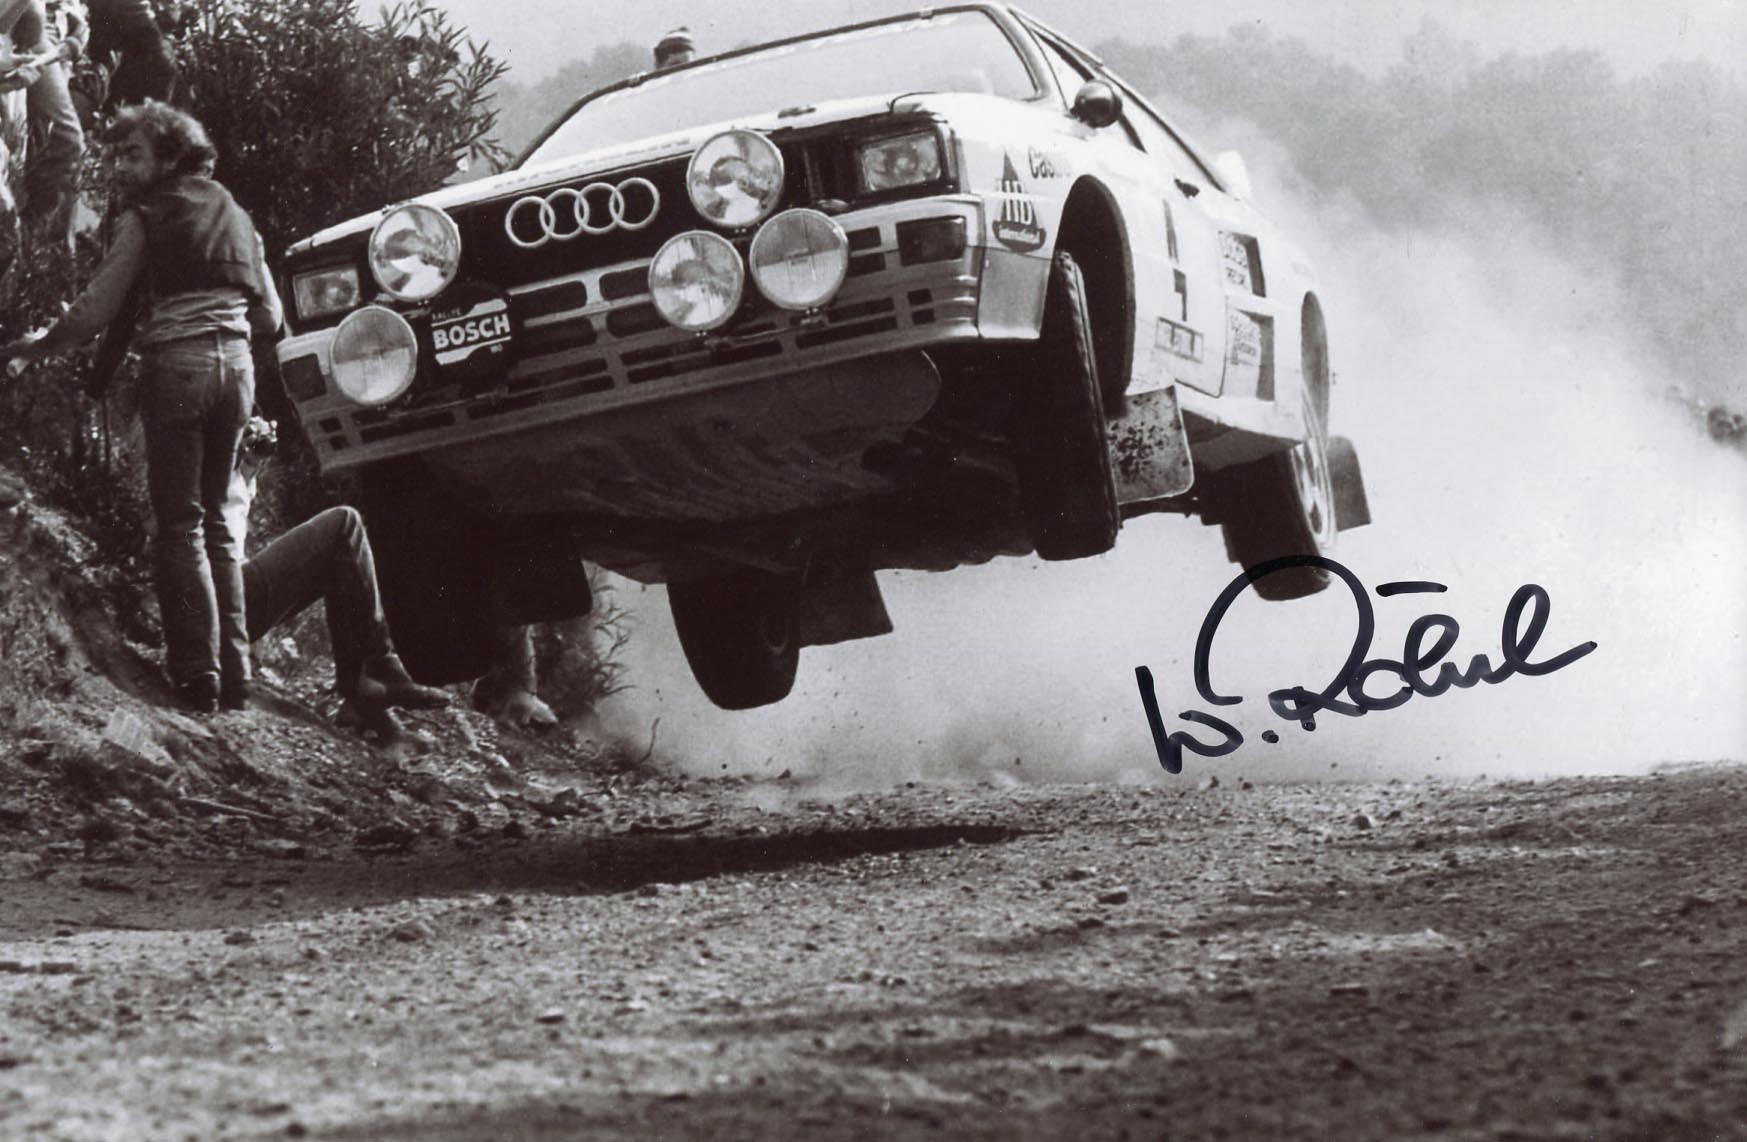 Det gikk absurd fort for seg i Gruppe B-æraen, og Walter mente selv at det bare fantes tre andre førere som kunne matche ham i tempo i disse bilene. Her et signert foto som viser Walter i Portugal Rally 1984 i en Audi quattro A2. Foto: Audi autografkort